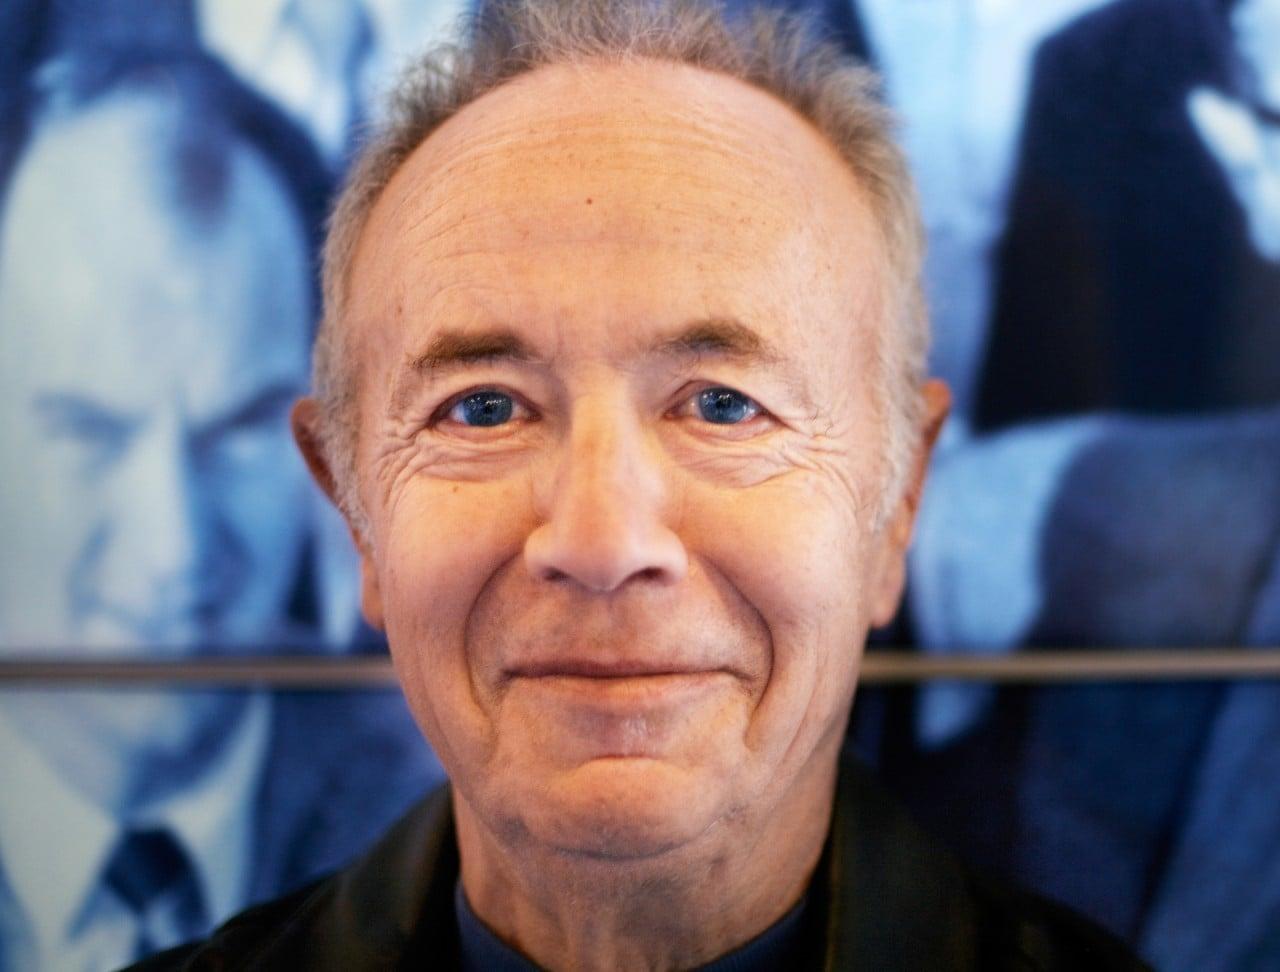 Addio Andy Grove: scompare il pioniere del silicio, figura chiave di Intel